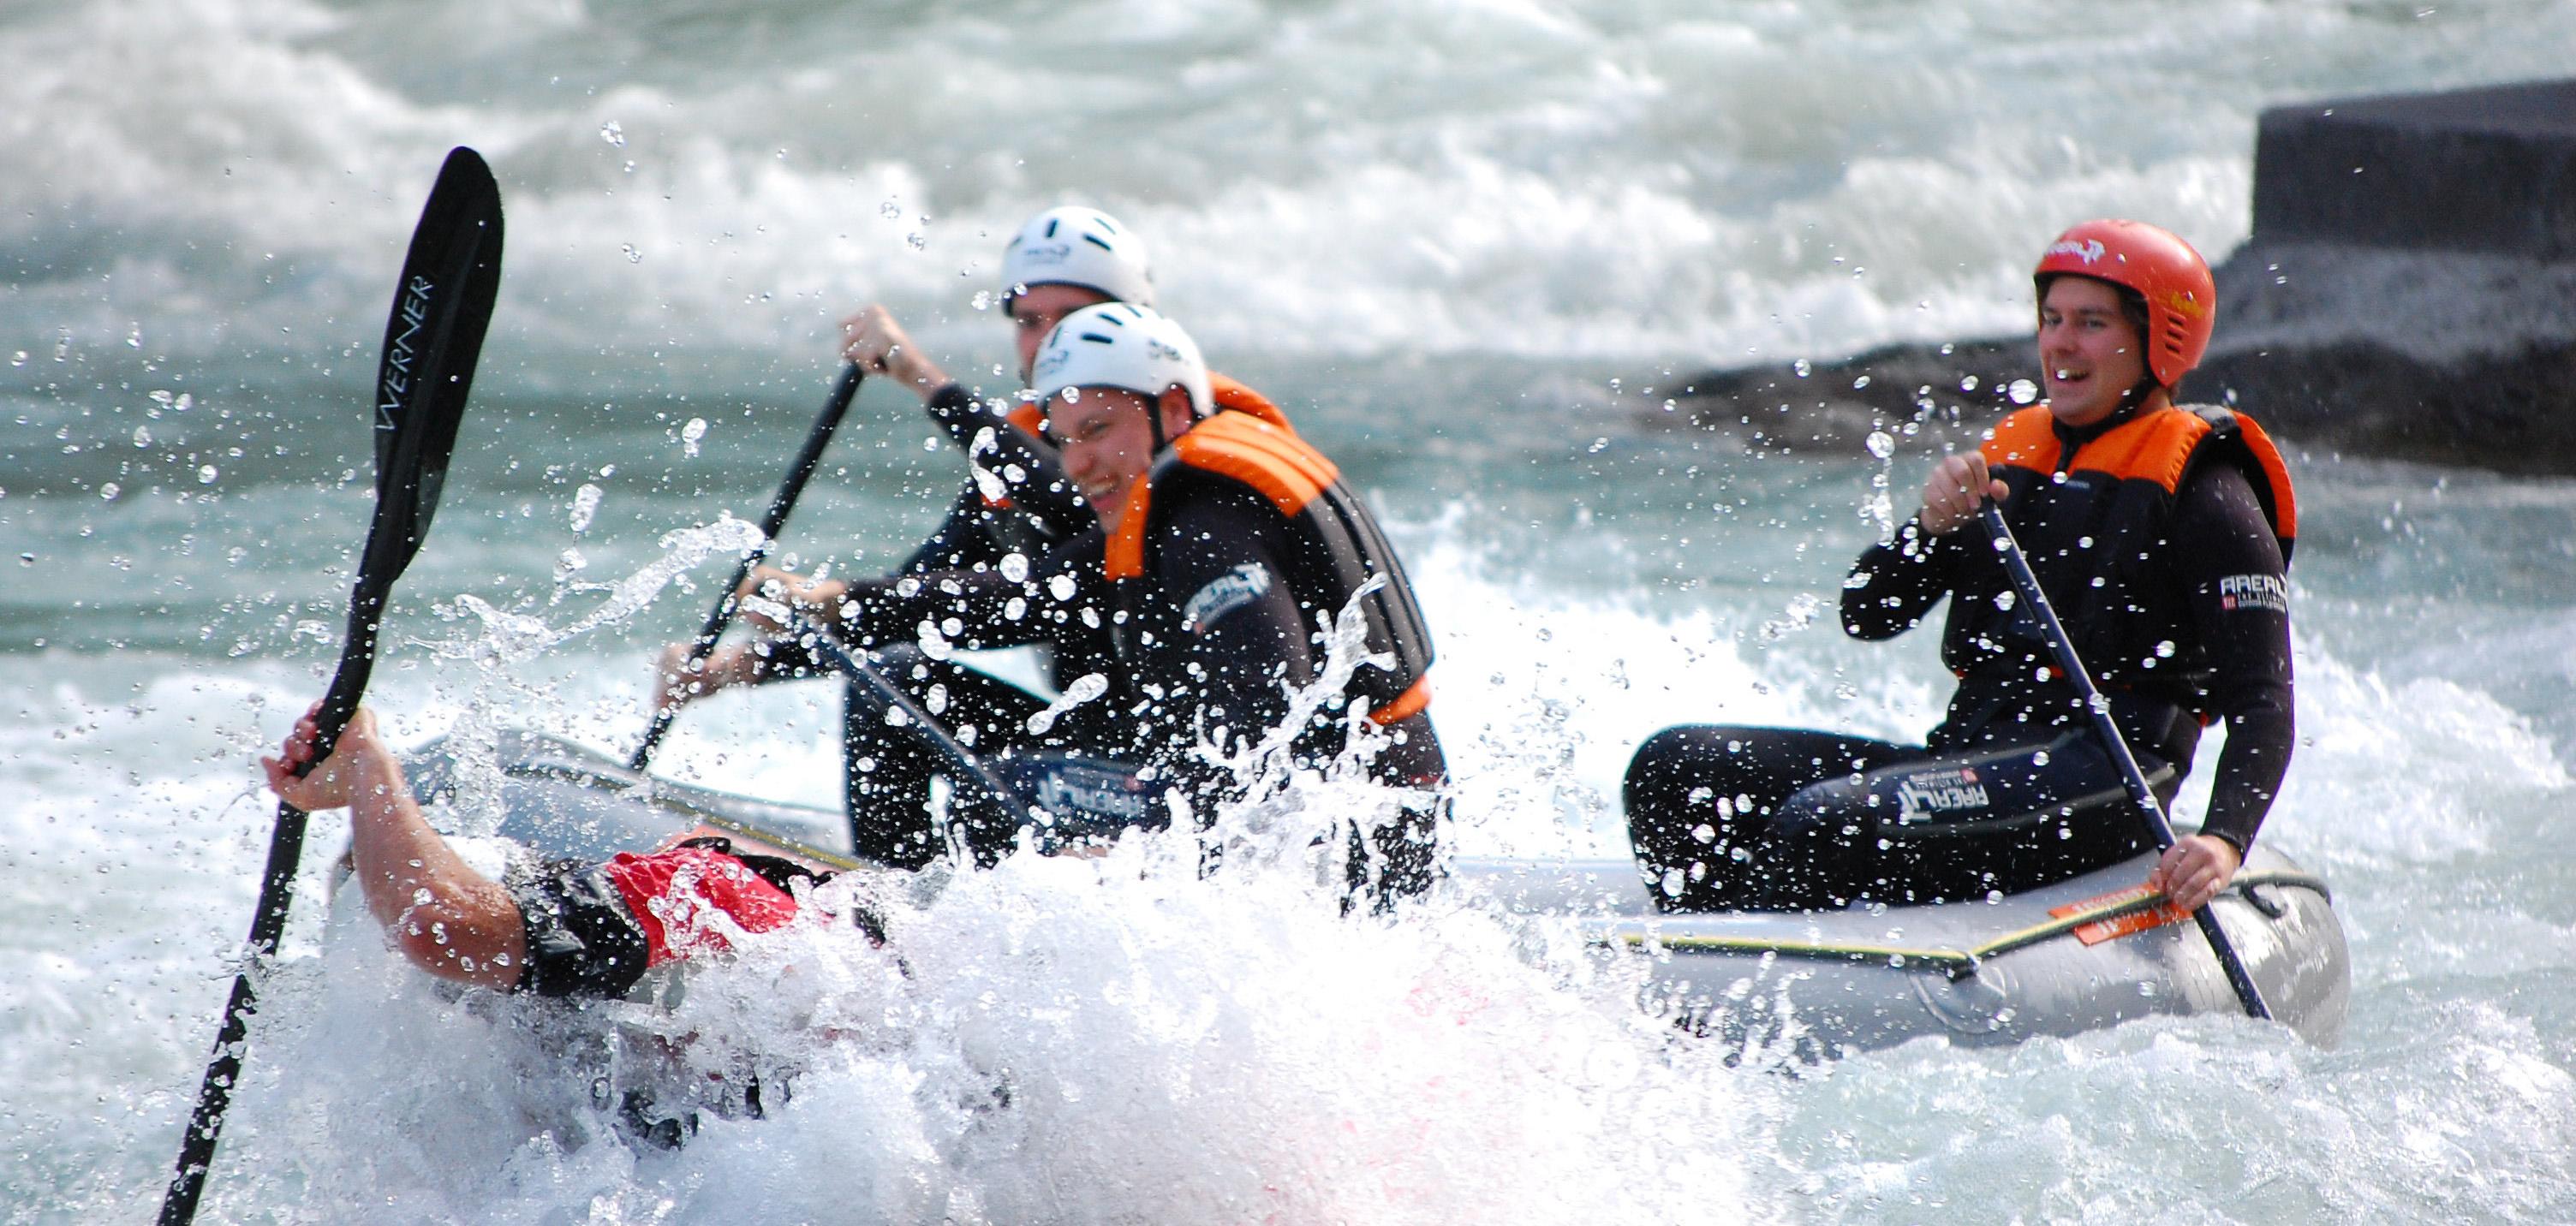 Das Boot alleine steuern - Power Rafting mit der AREA 47